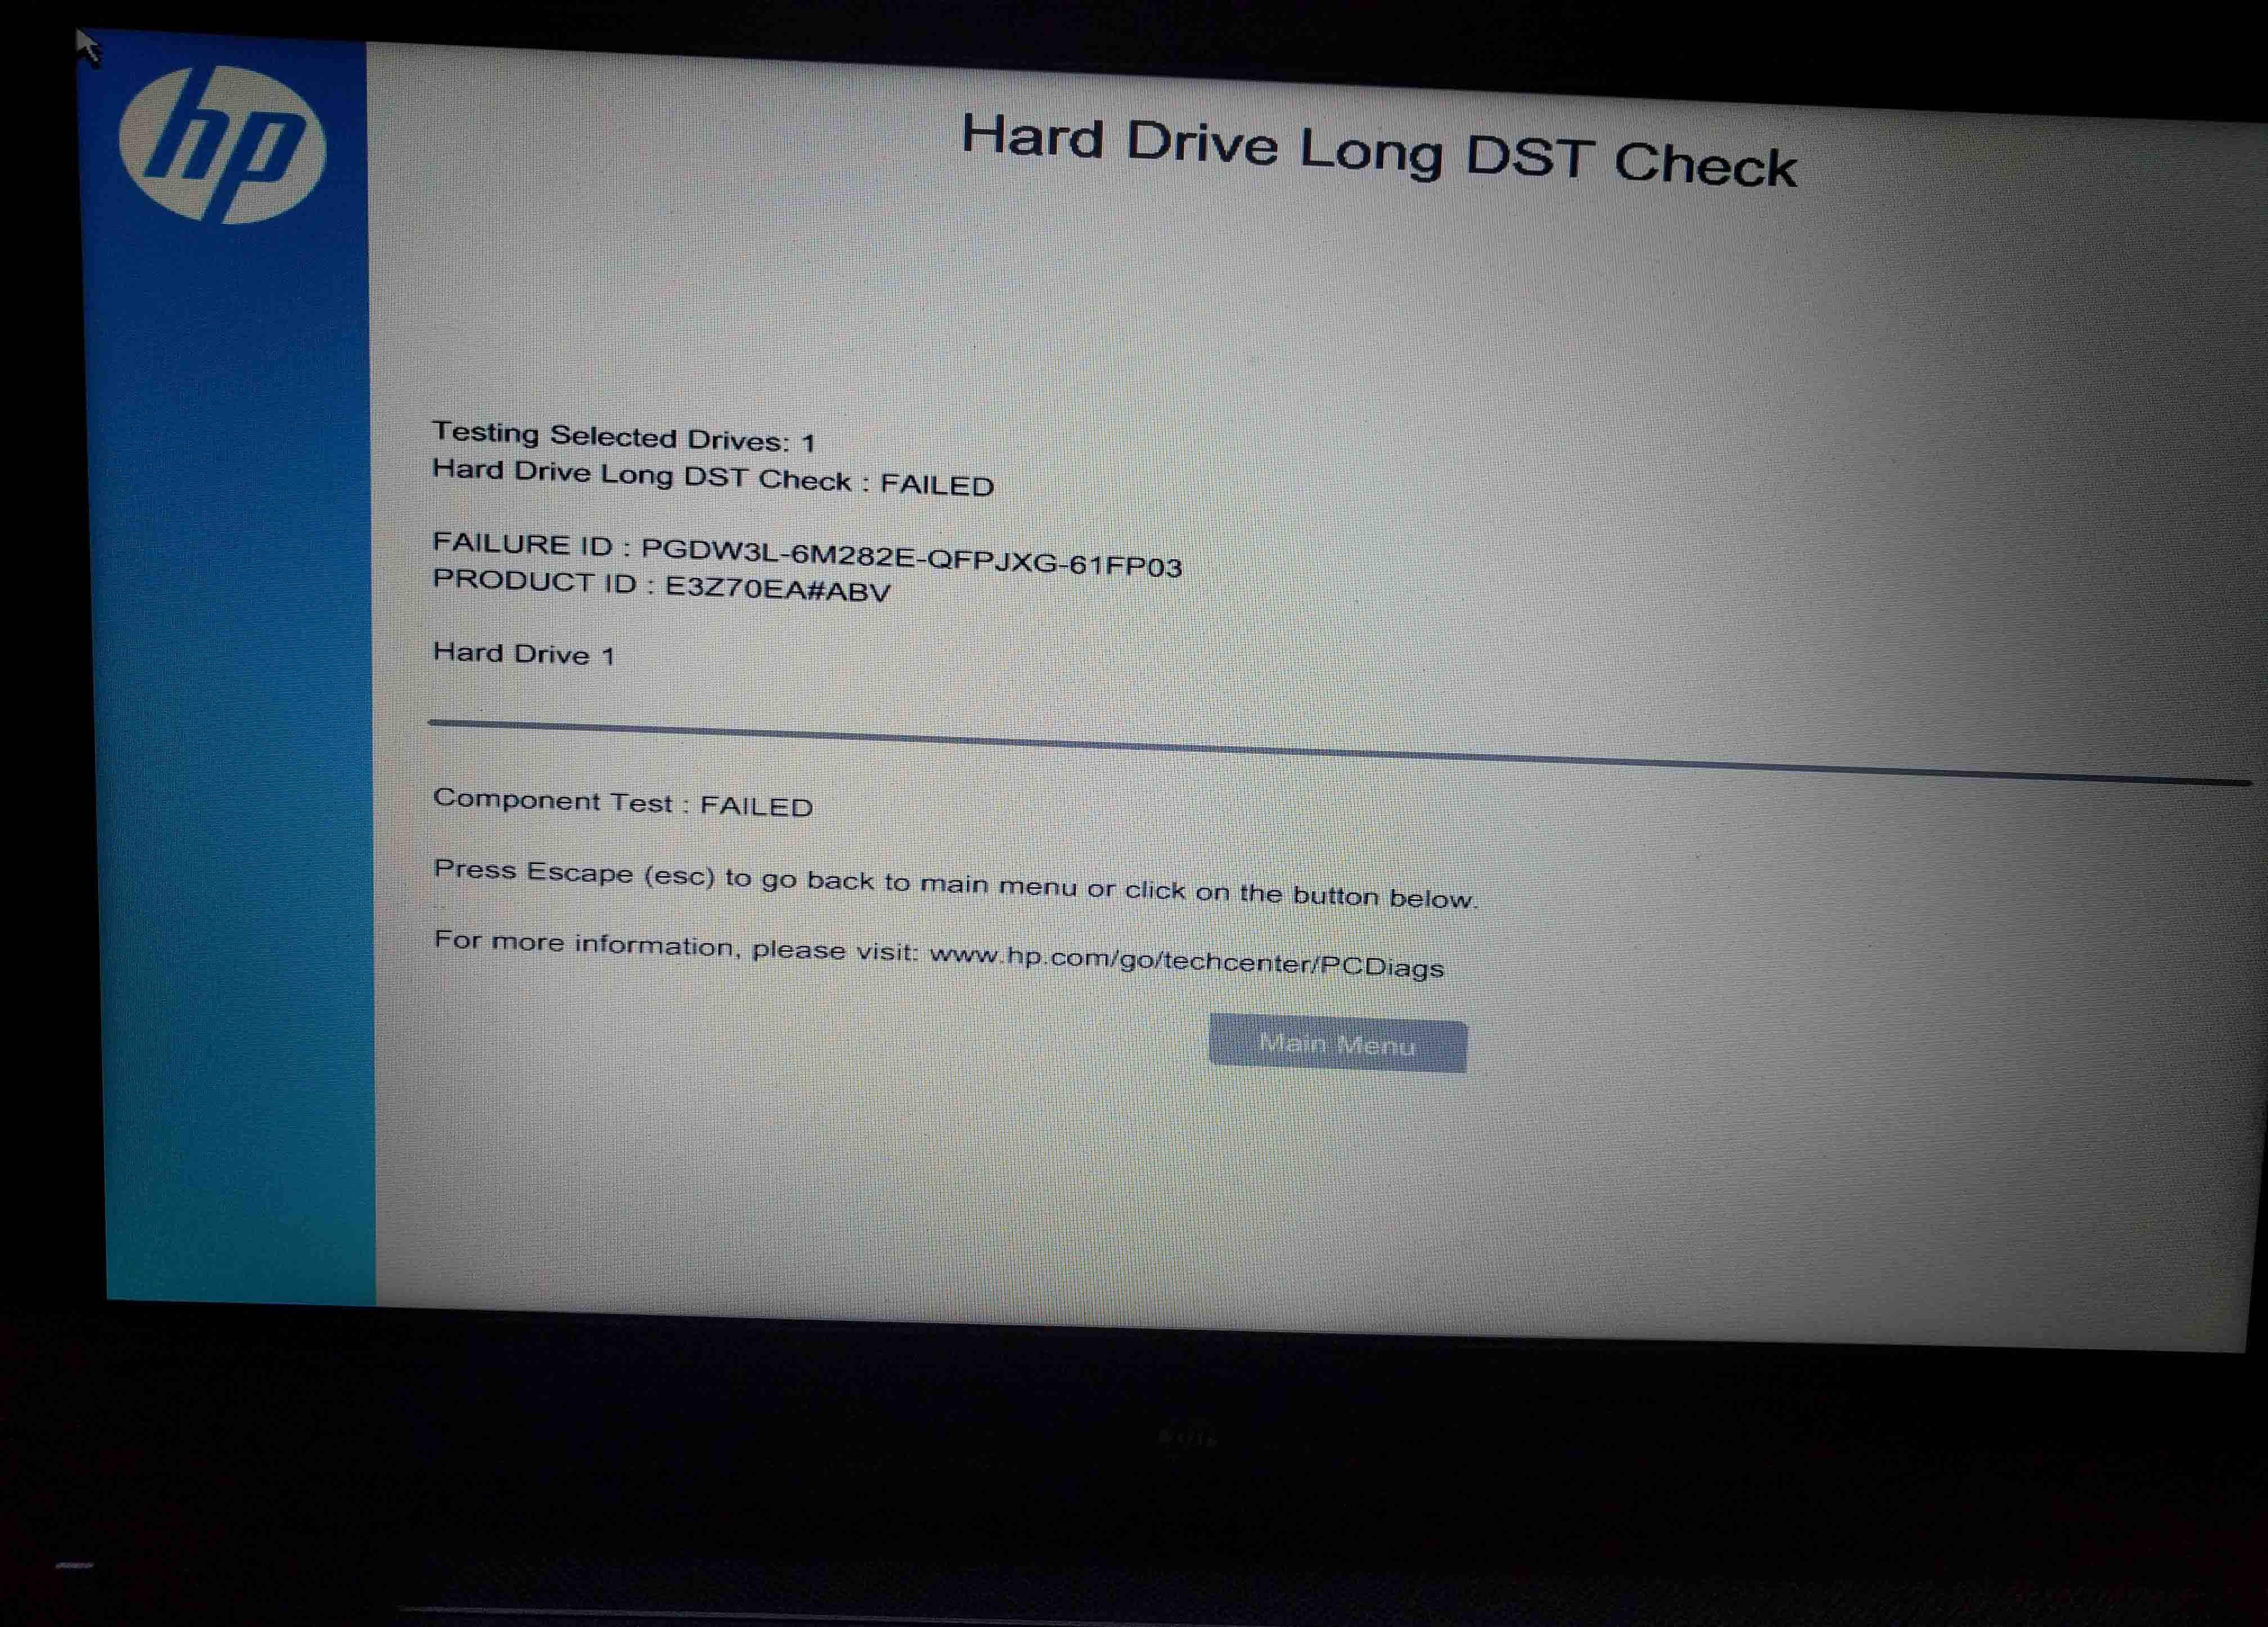 Fingerprint reader not working on Envy Dv6 - HP Support Community